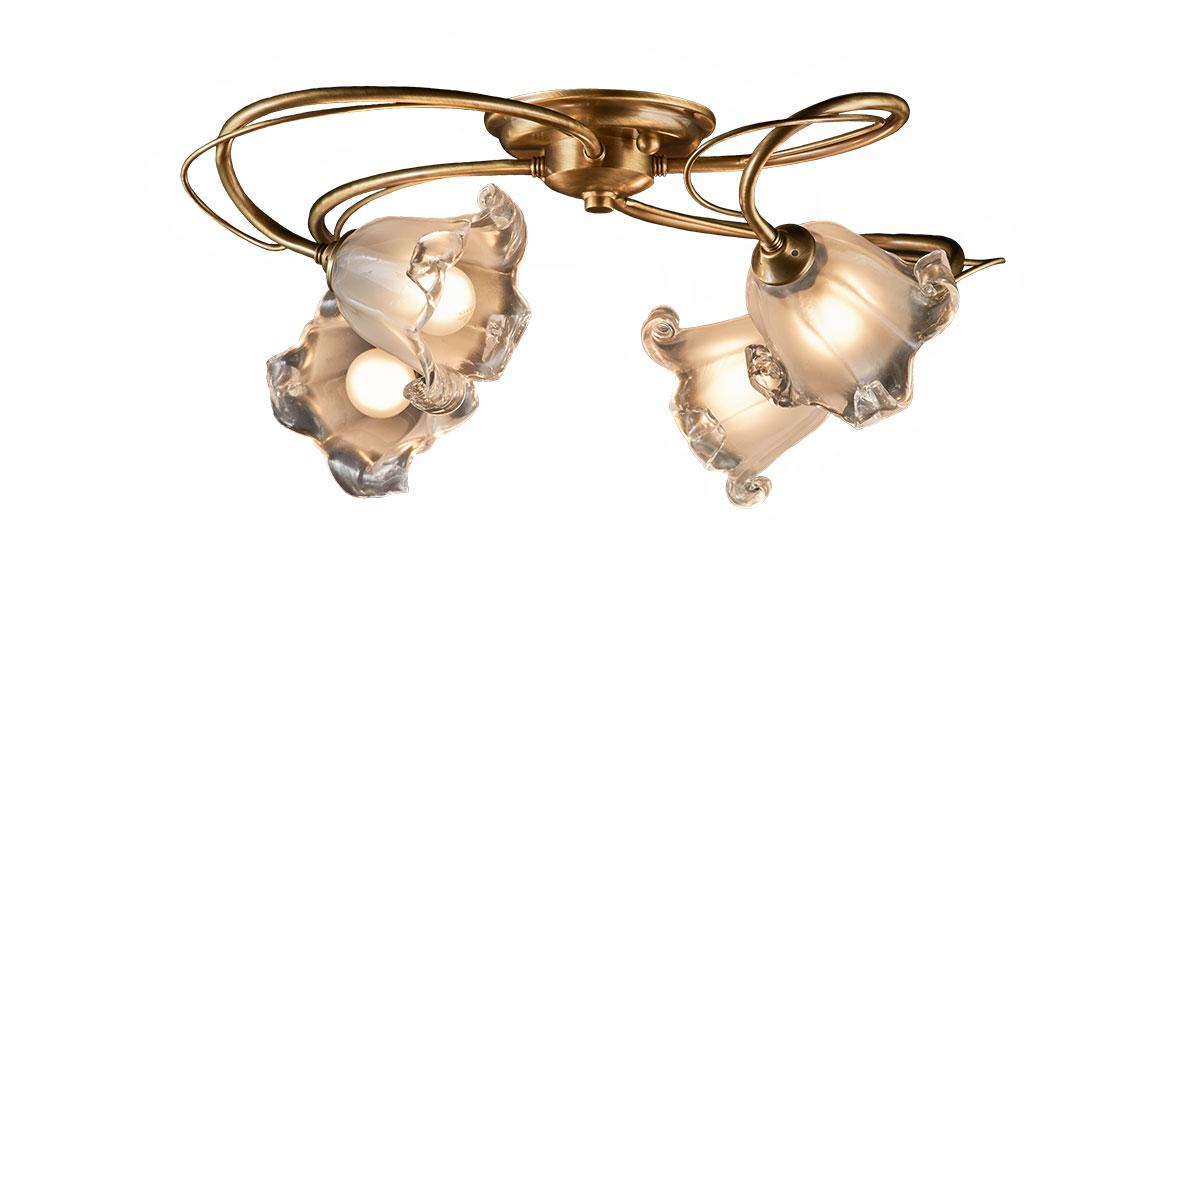 Φωτιστικό 4φωτο με κρύσταλλα Murano ΝΥΜΦΑΙΟ classic 4-bulb ceiling lamp with Murano crystals